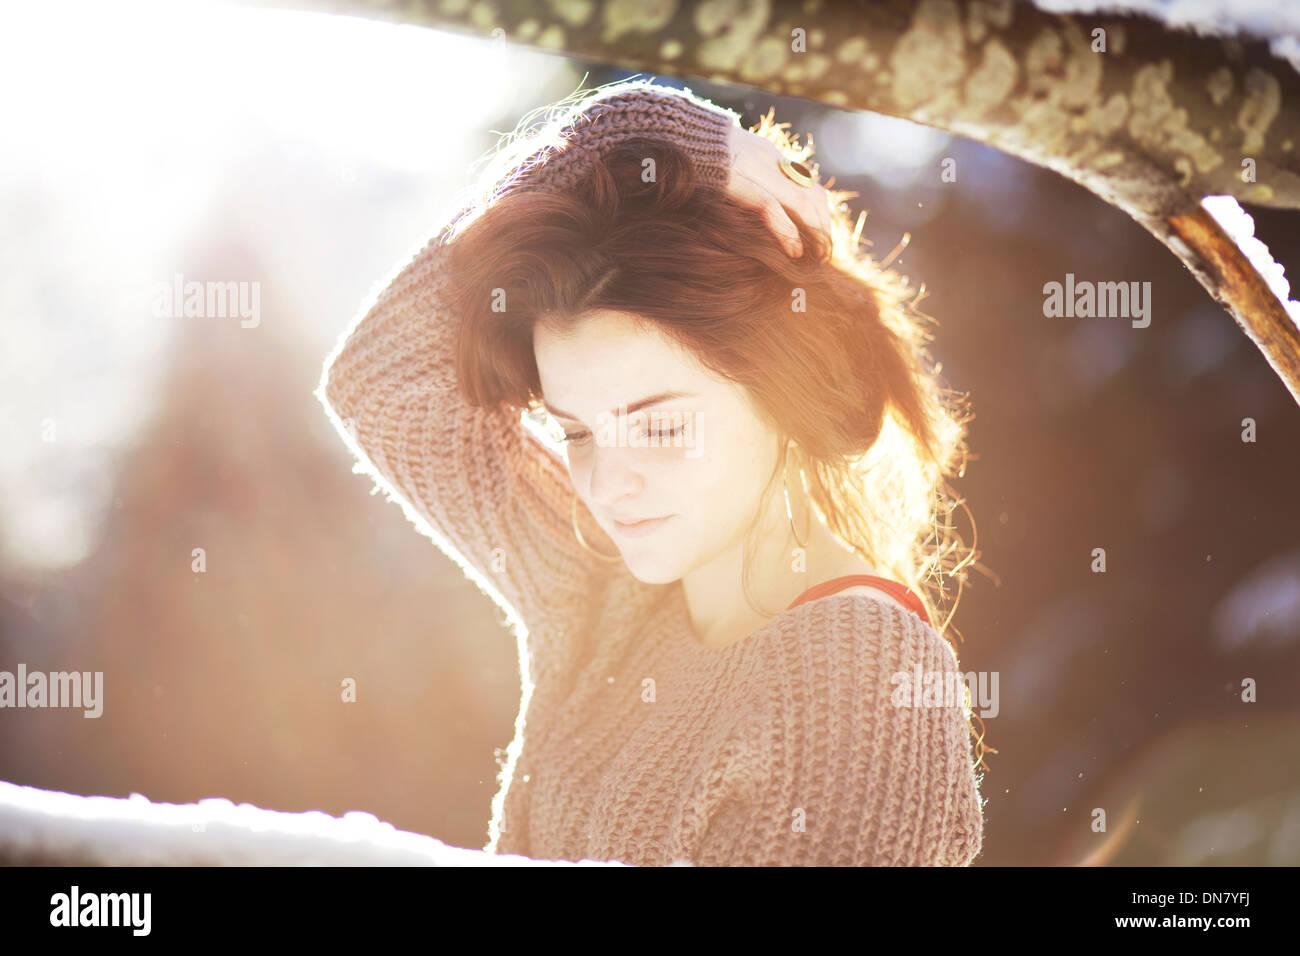 Porträt einer jungen Frau im Schnee bei Gegenlicht Stockbild